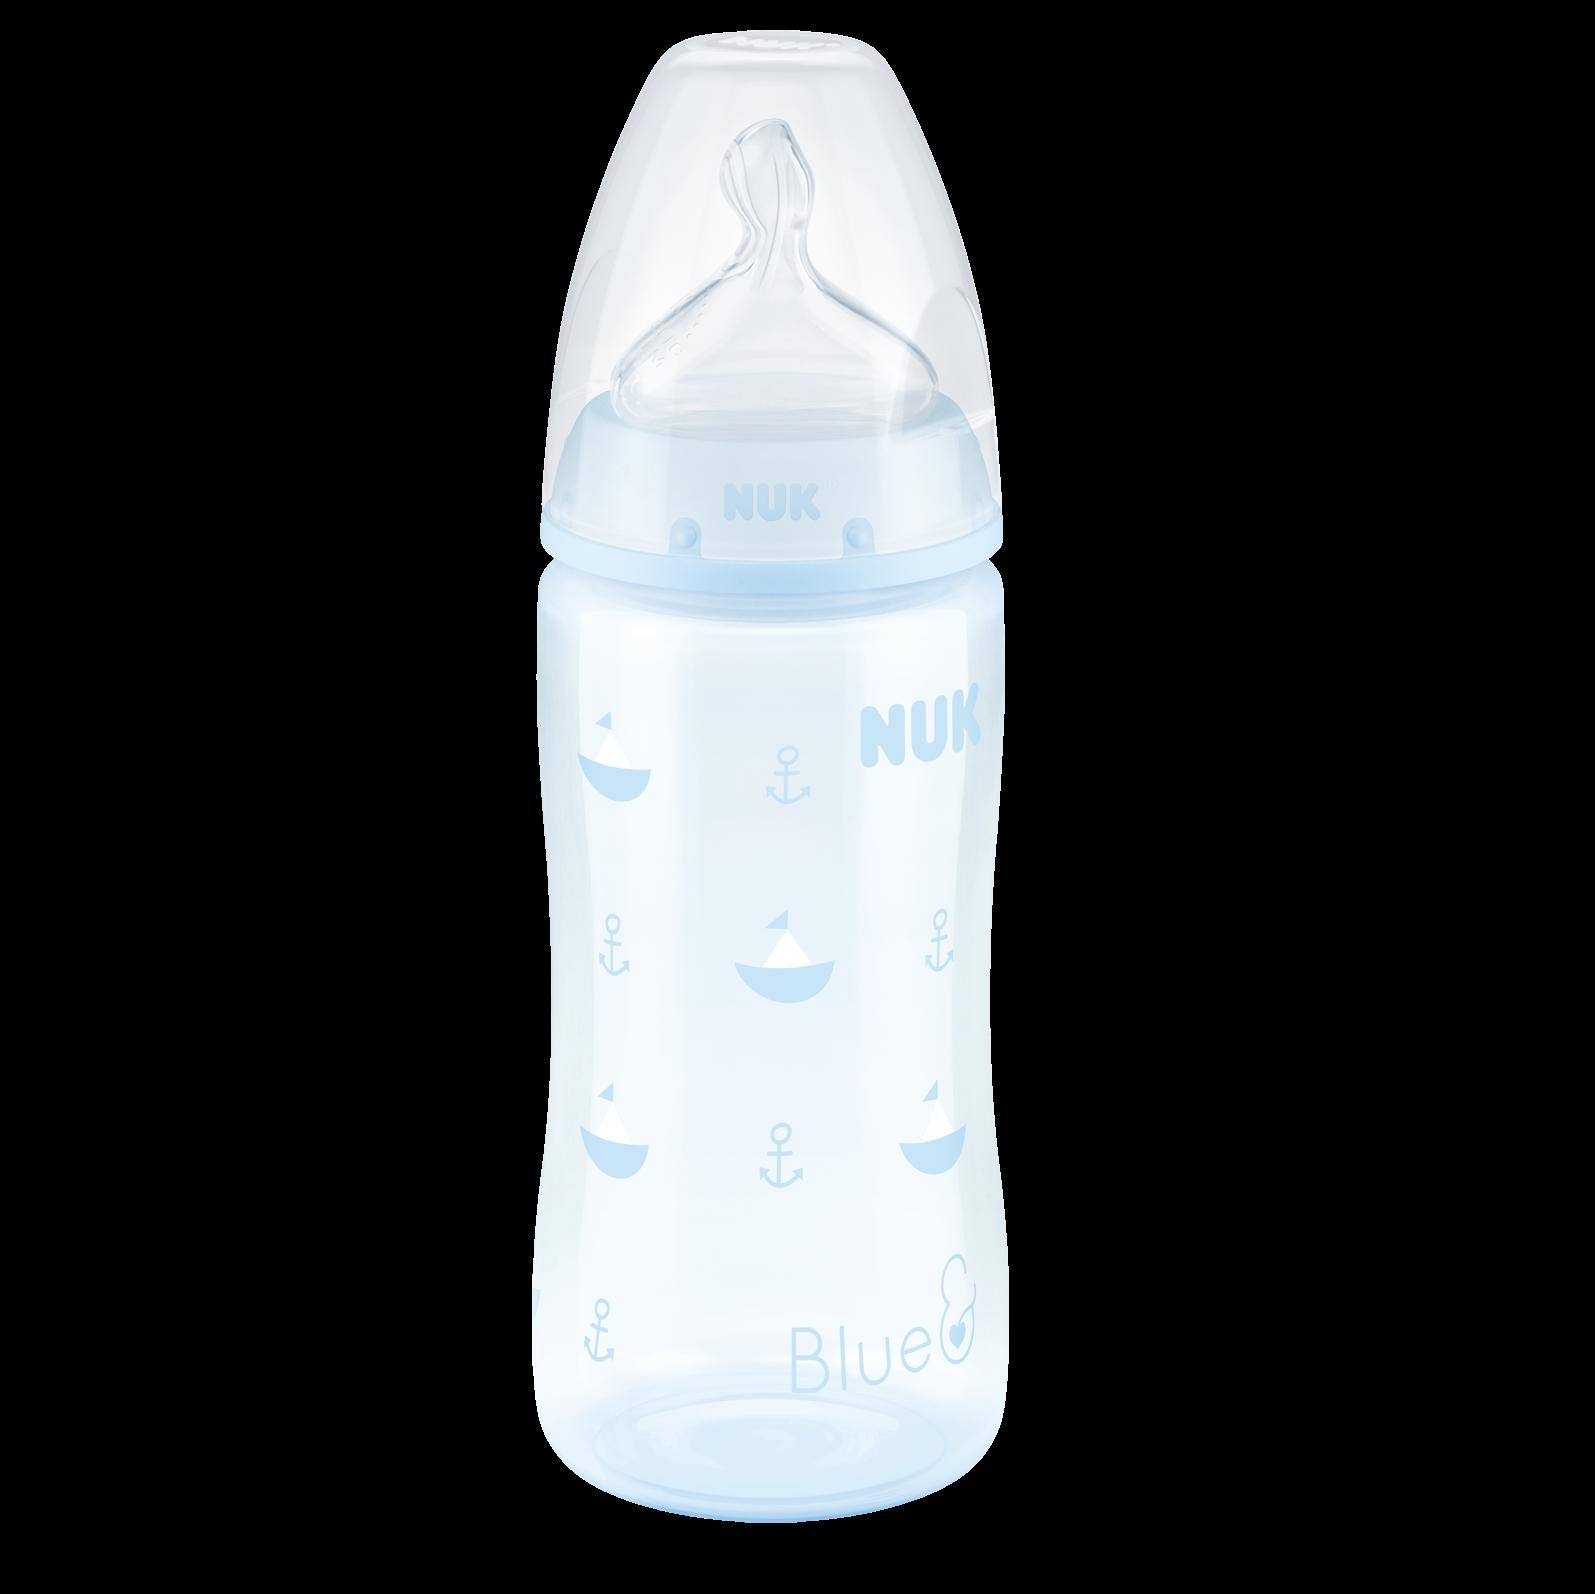 Купить NUK First Choice + Бутылочка 300 мл с силиконовой соской 0-6 мес. для заменителей грудного молока, Baby Blue Кораблик, Германия